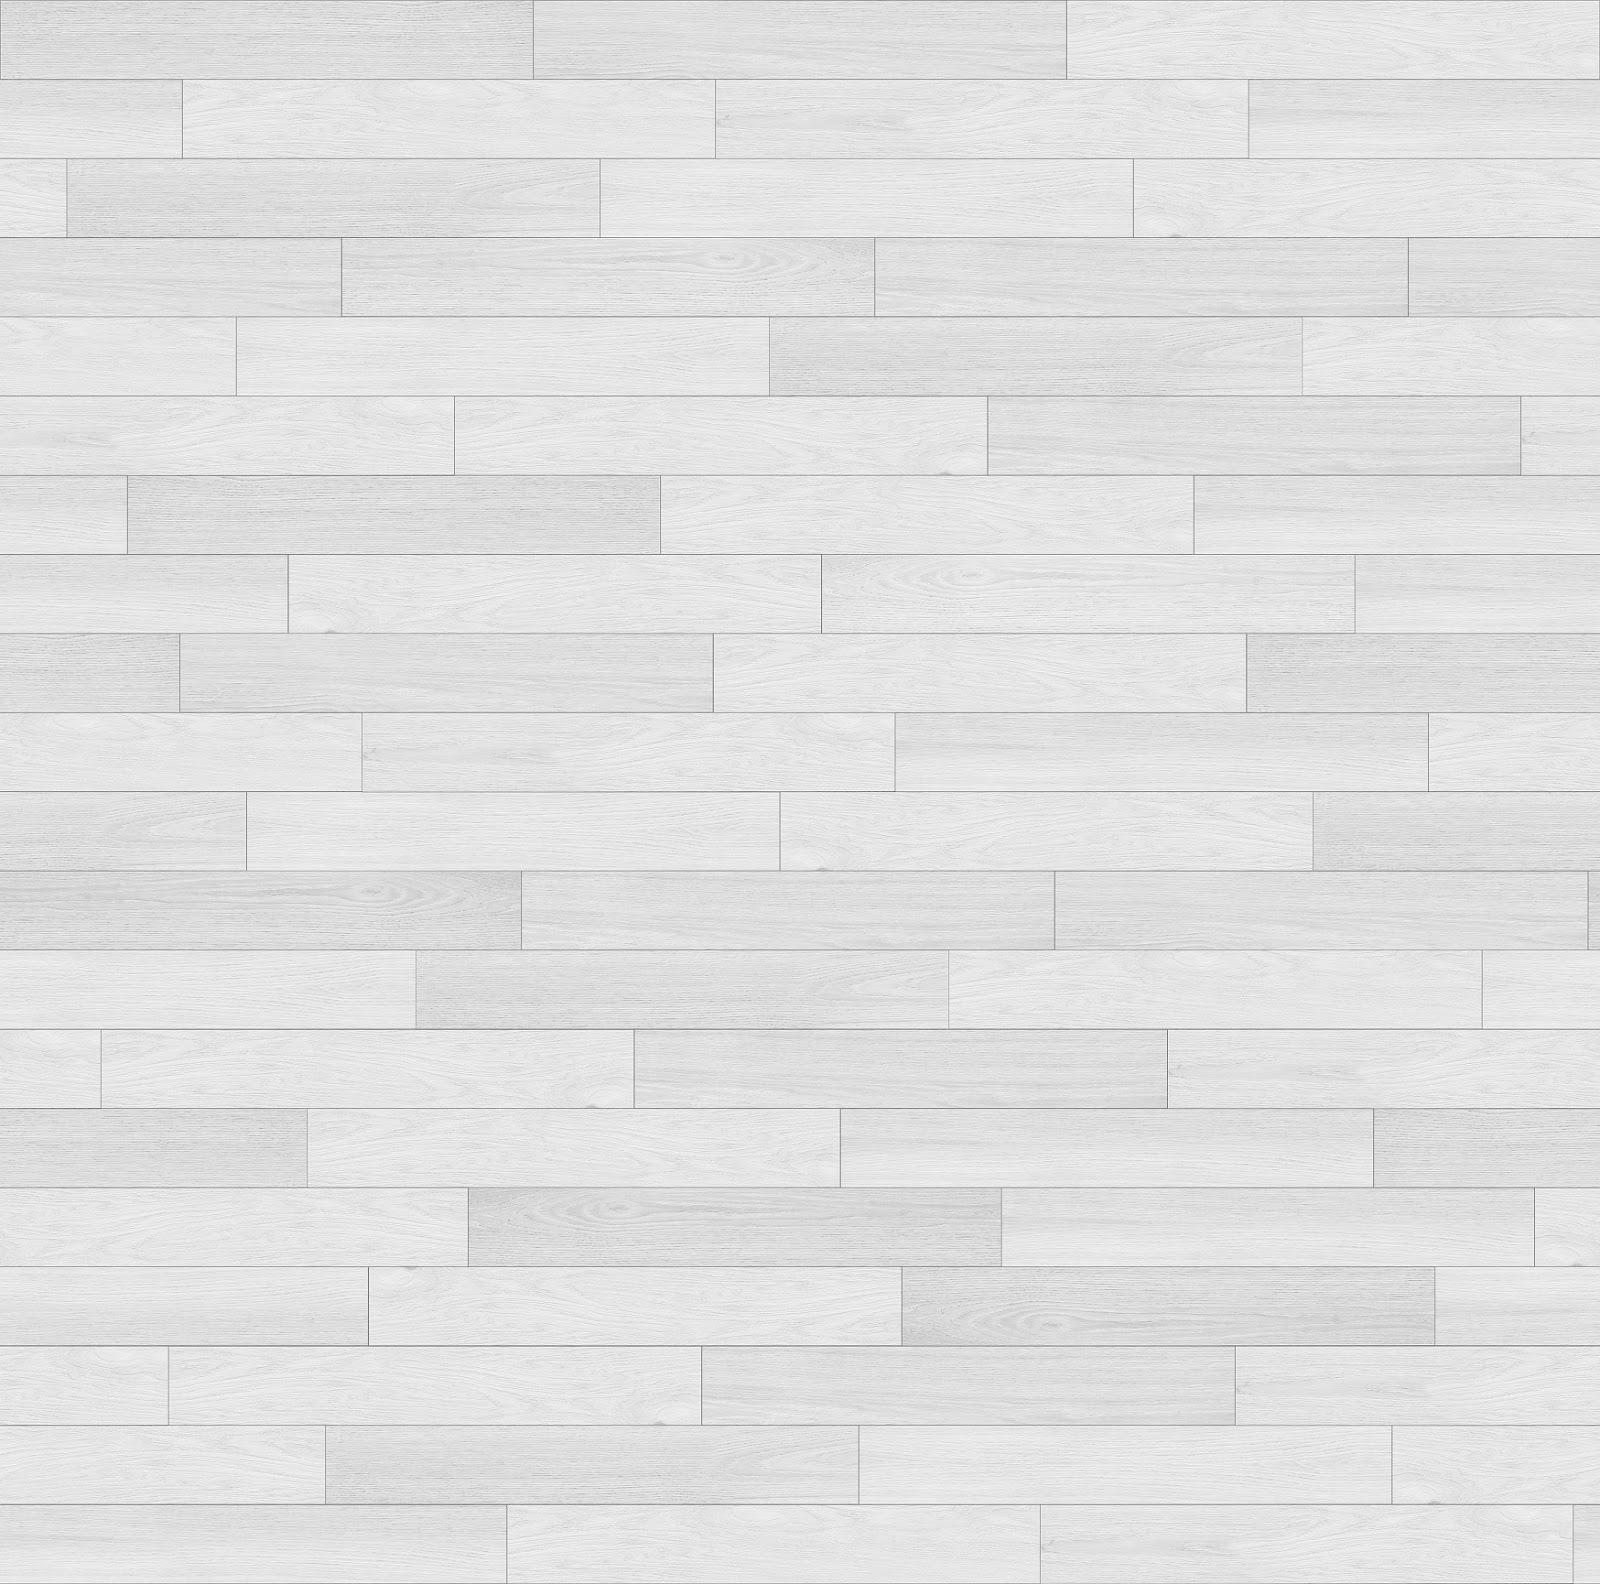 Conosciuto Parquet Legno Chiaro. Il Bianco Il Legno E La Luce Una Triade  EO94